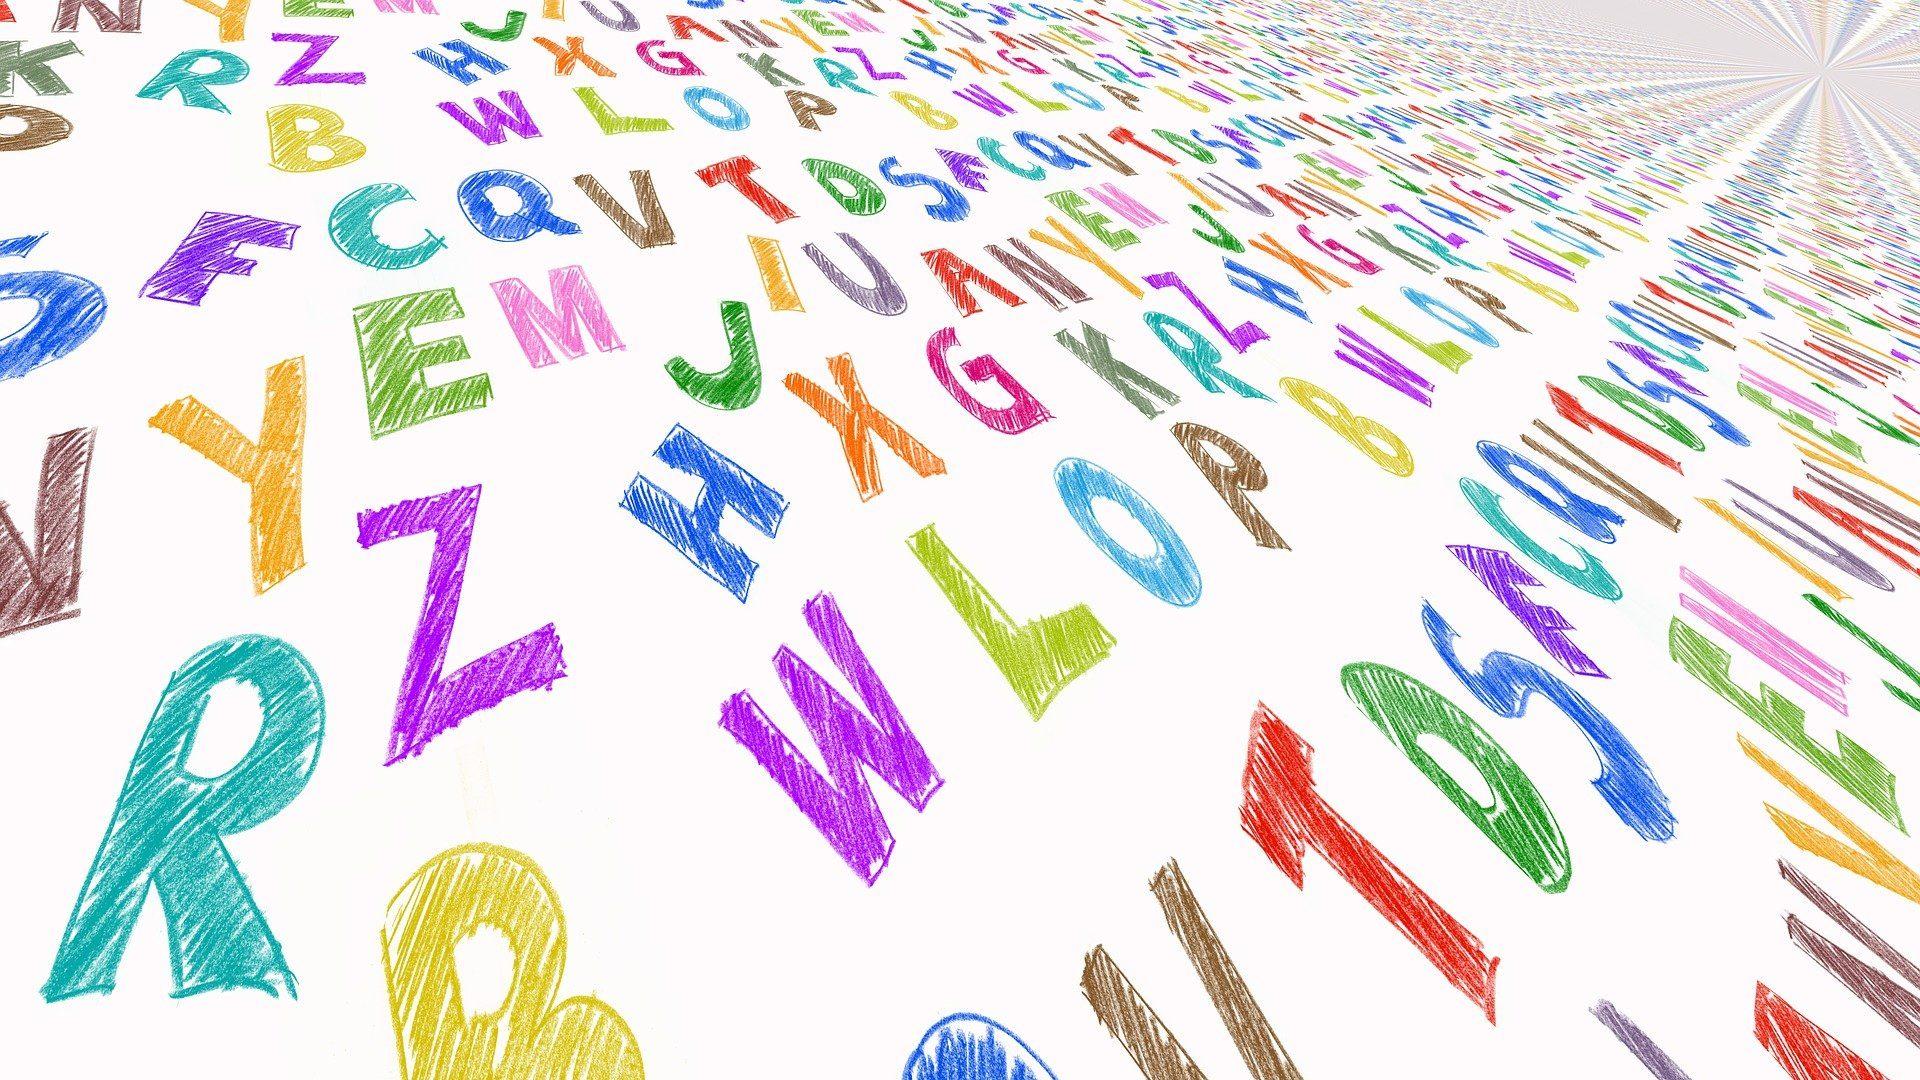 Buchstaben auf weißem Papier